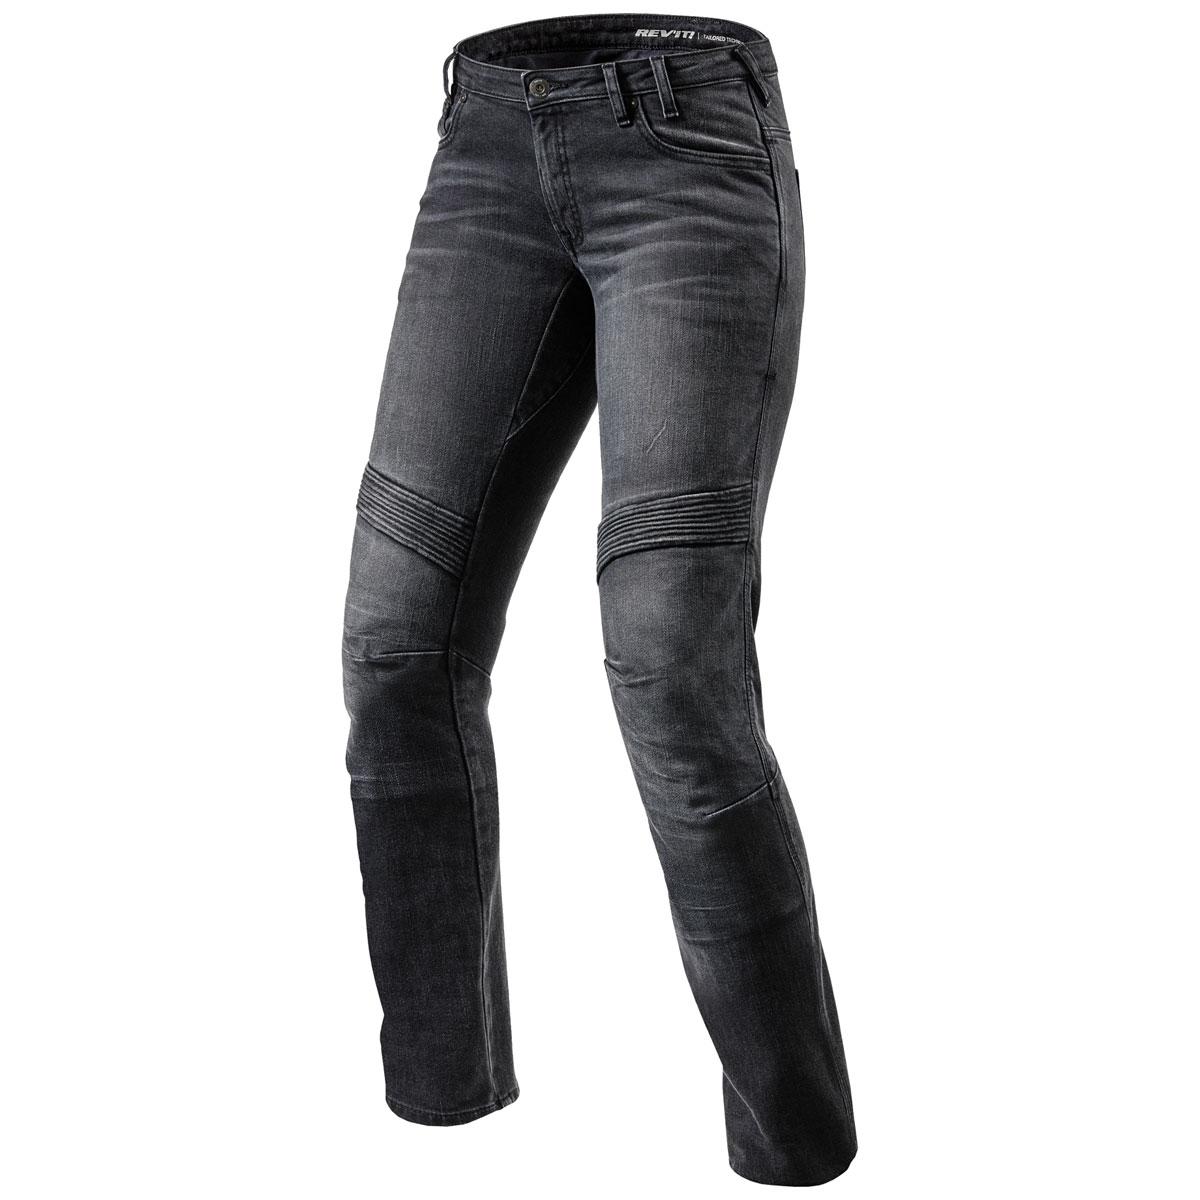 REV′IT! Women's Moto Black Jeans